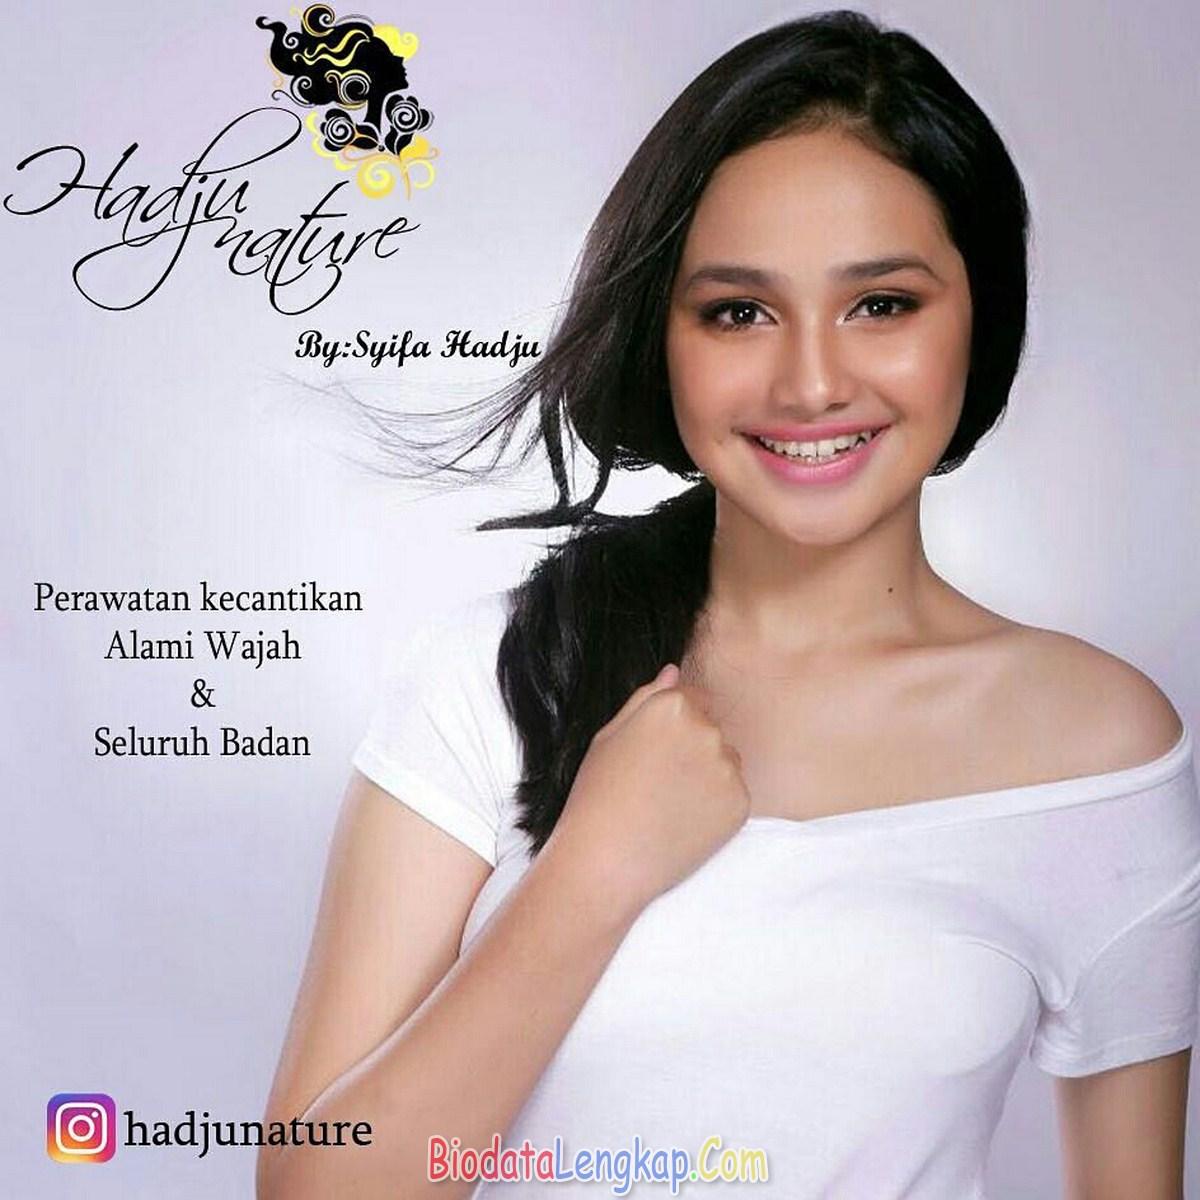 Foto Bugil Skandal Kesha Ratuliu: 35 Foto Syifa Hadju Terbaru Dan Cantik Selamanya